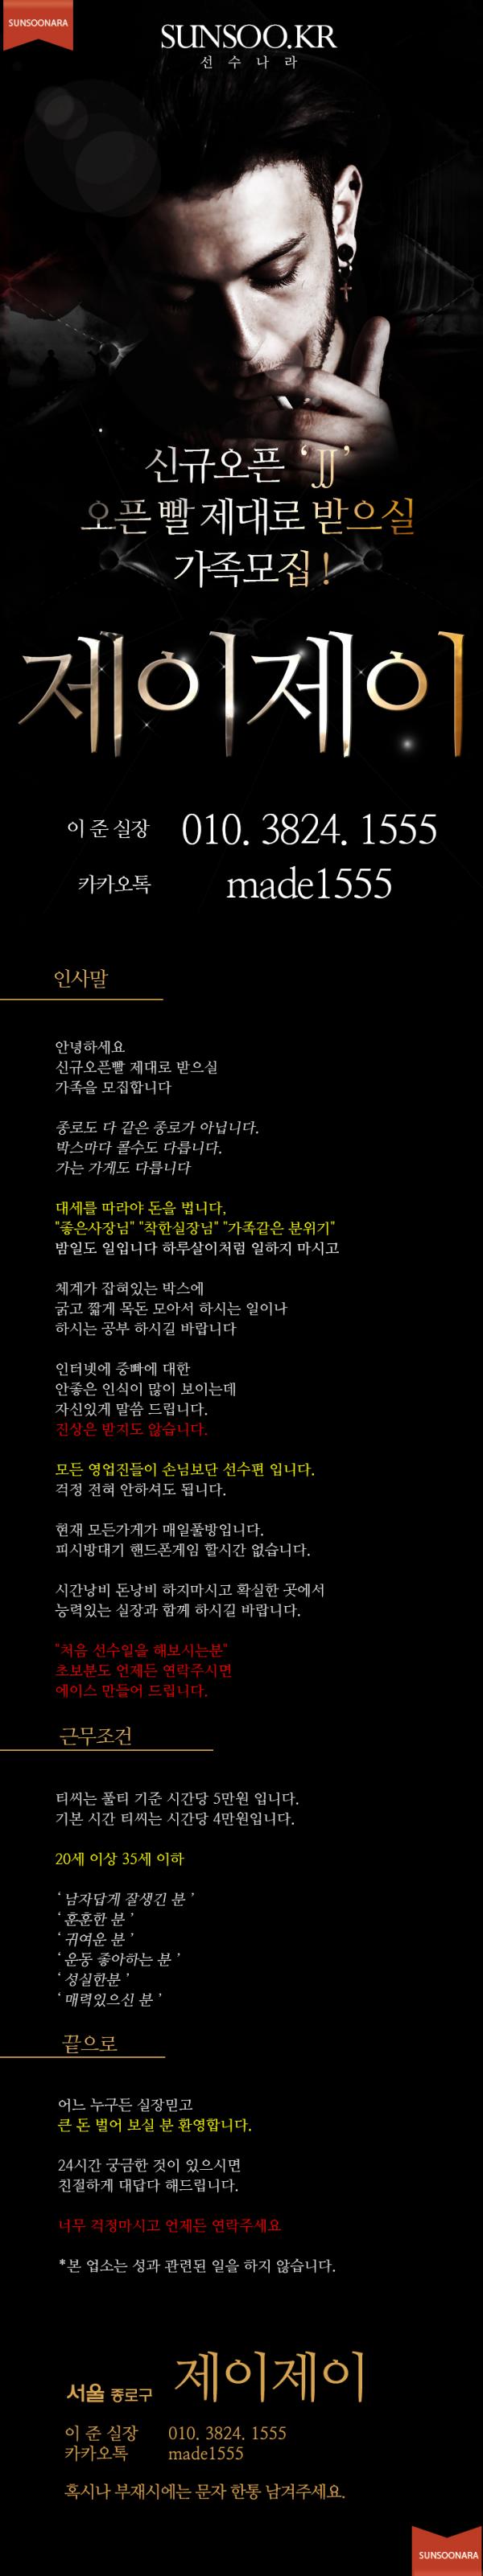 제이제이 윤수영 실장.png